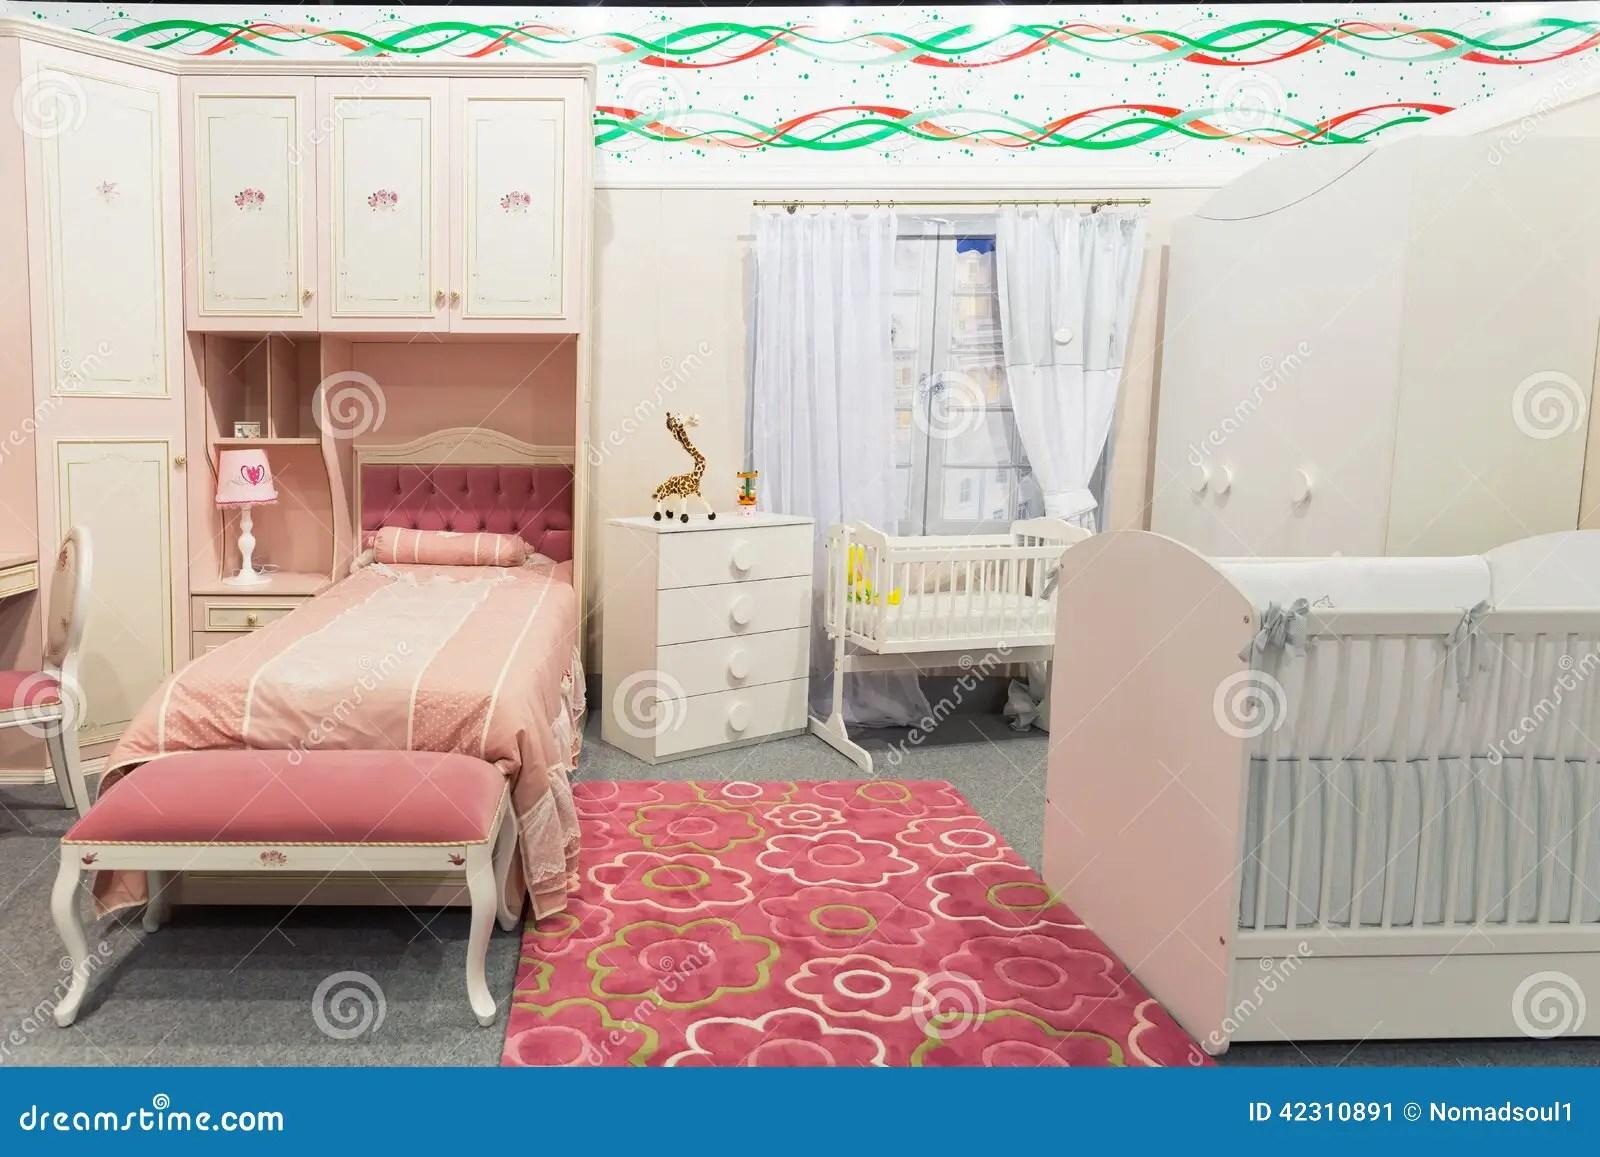 Baby Slaapkamer Decoratie : Slaapkamer decoratie kind muursticker welterusten slaaplekker